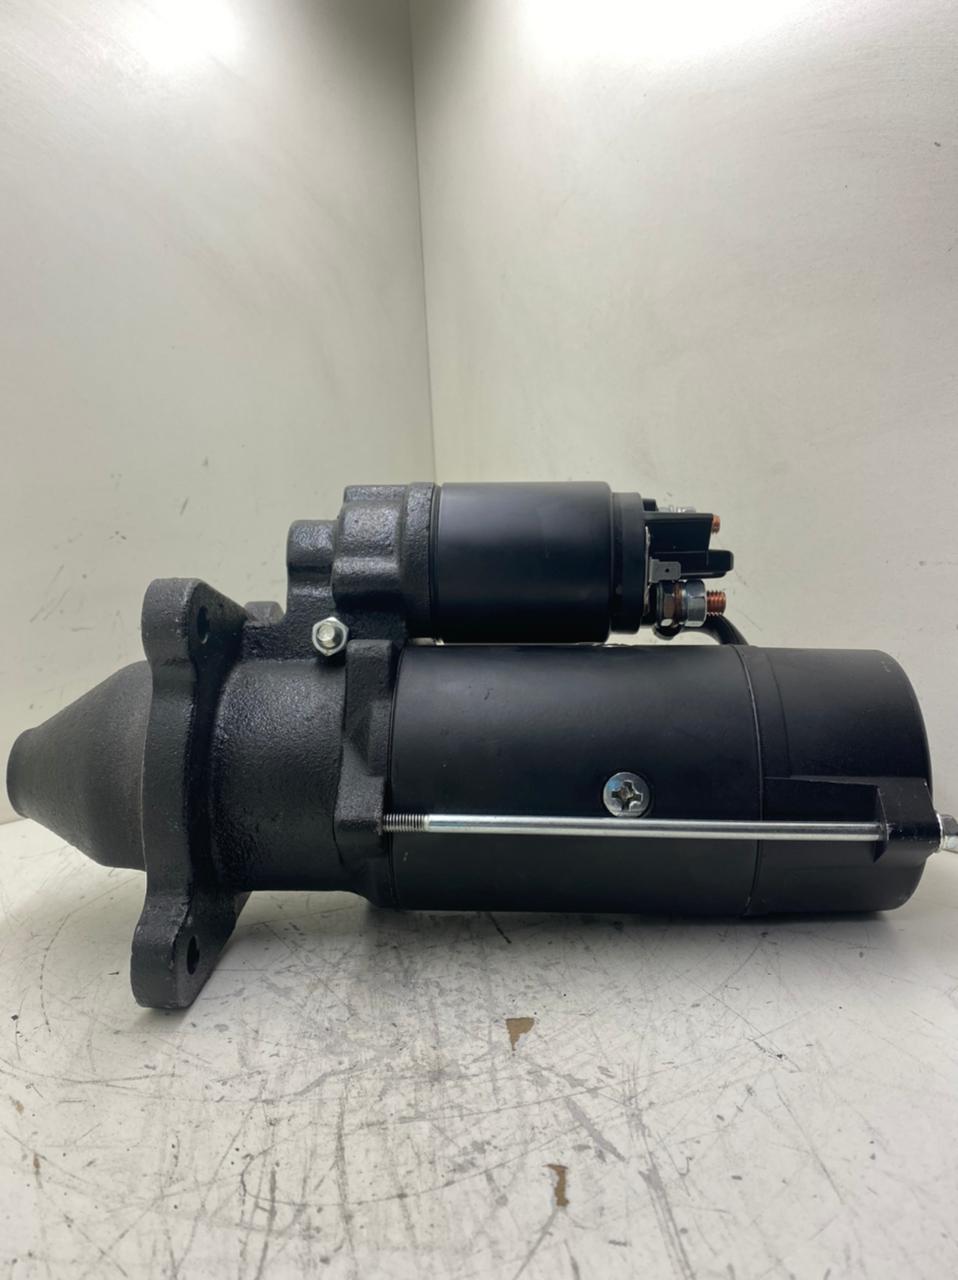 Motor de arranque MBB ACTROS 2035 OM541 BOSCH 24V 11 DENTES A0041518801 0001372001 0986020340 19070030